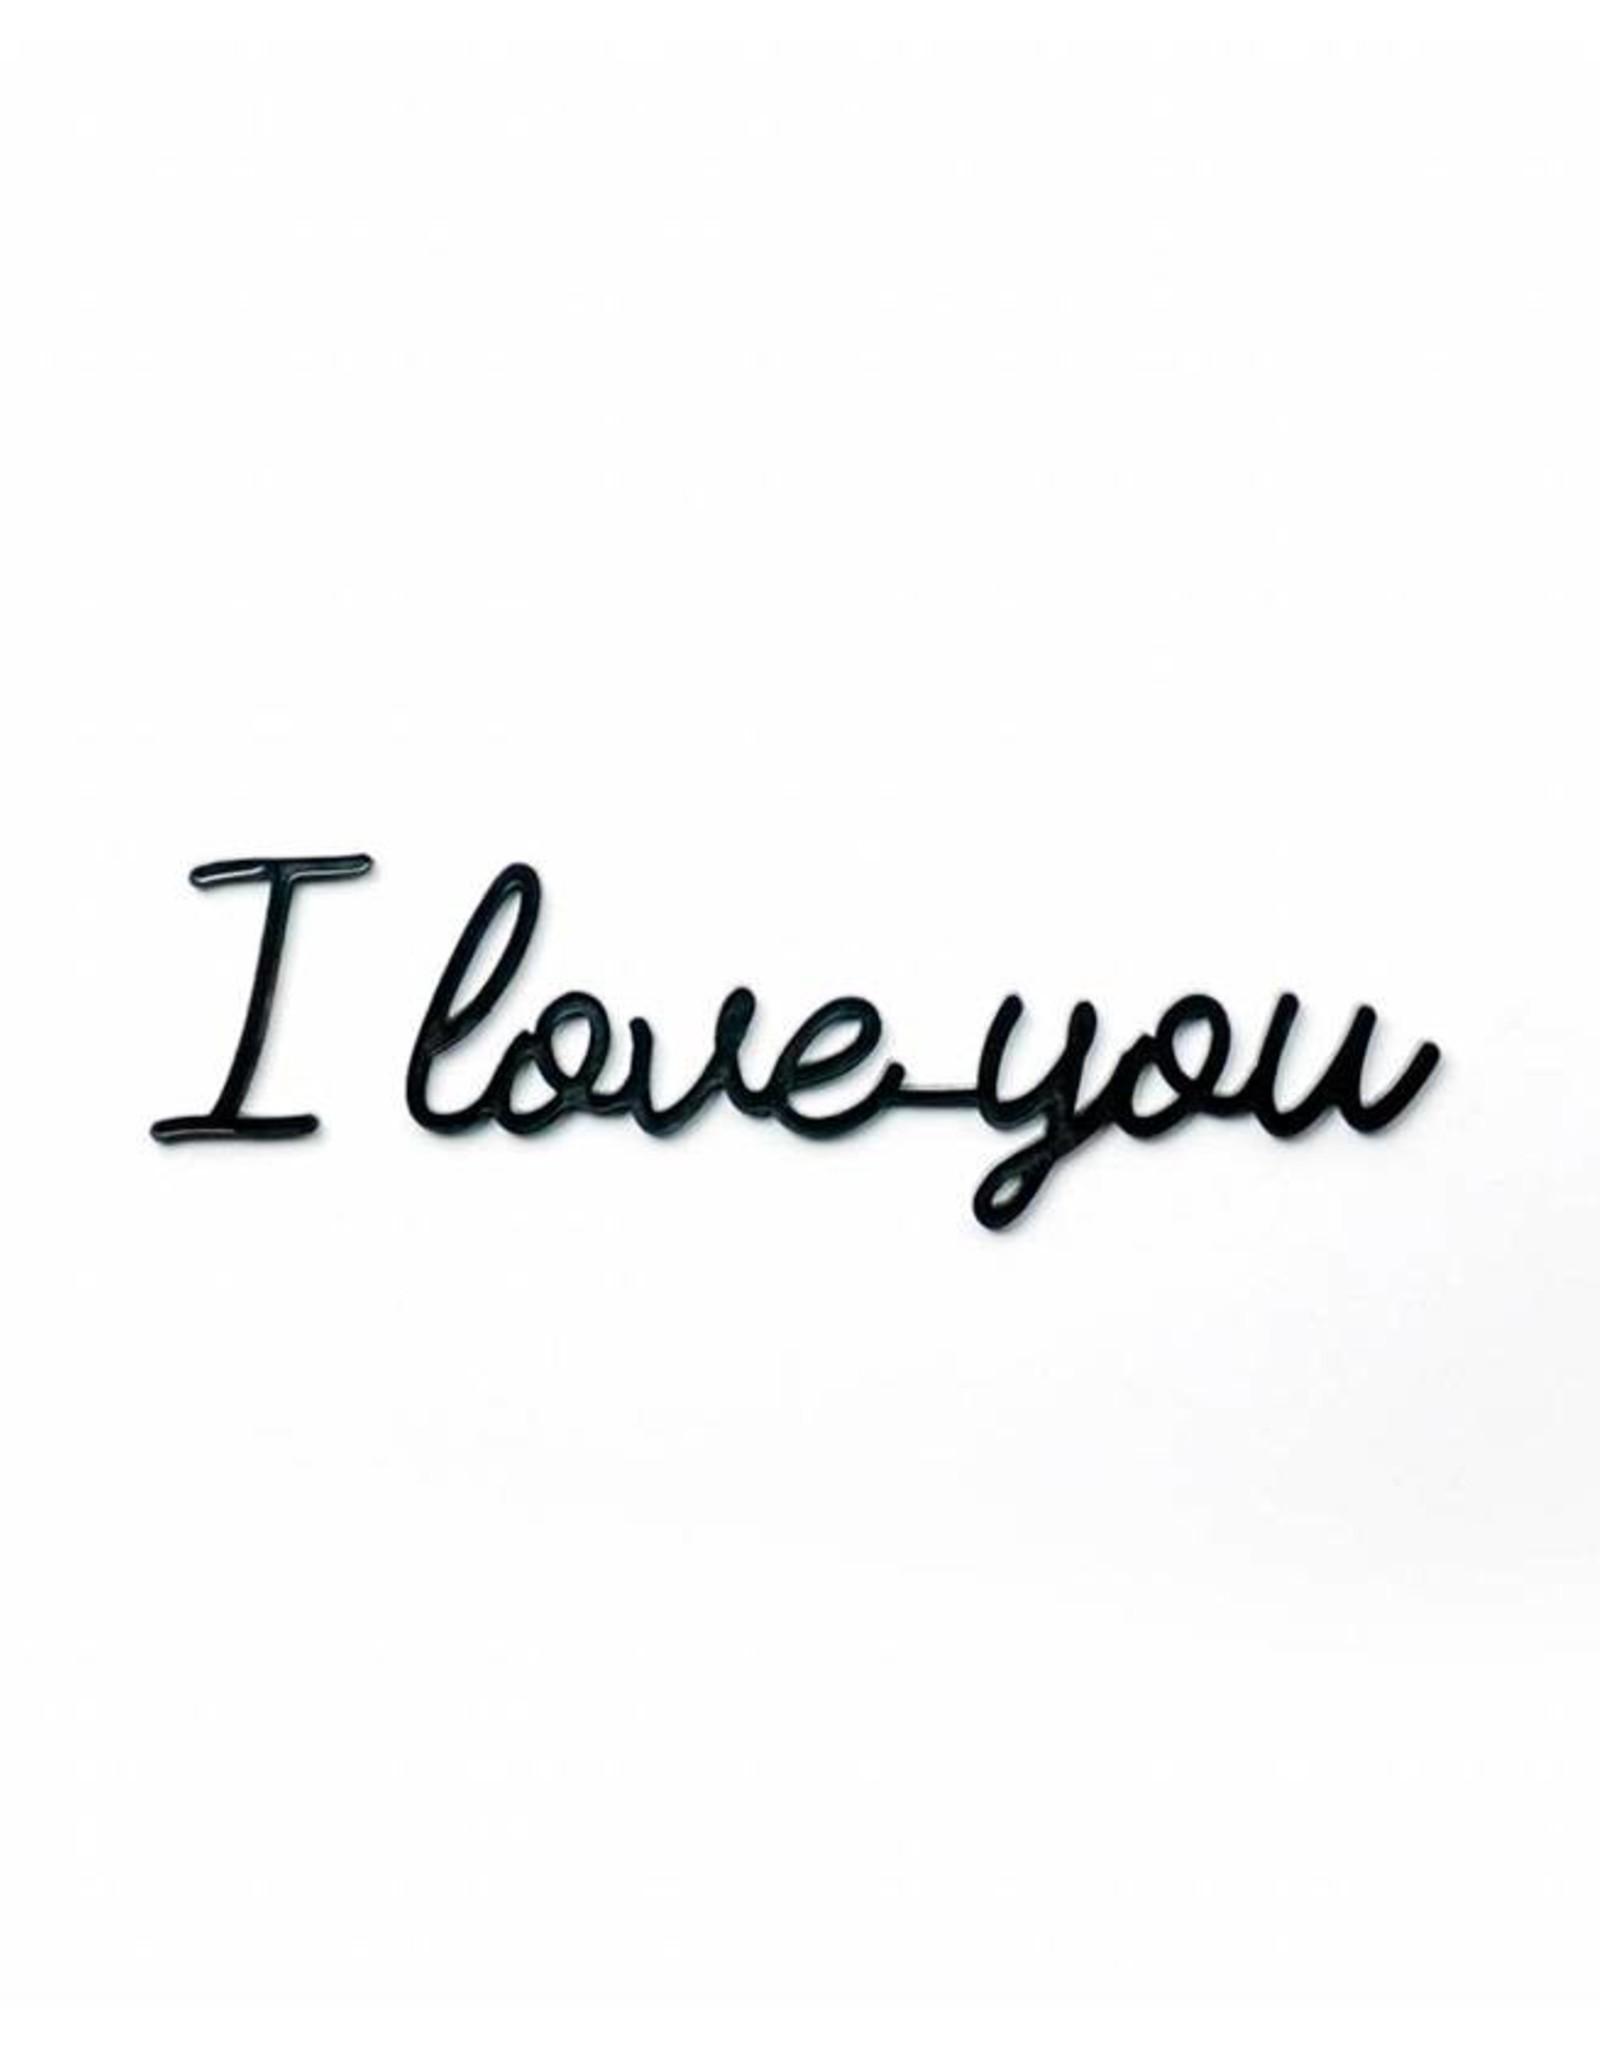 Goegezegd Quote I love you-black